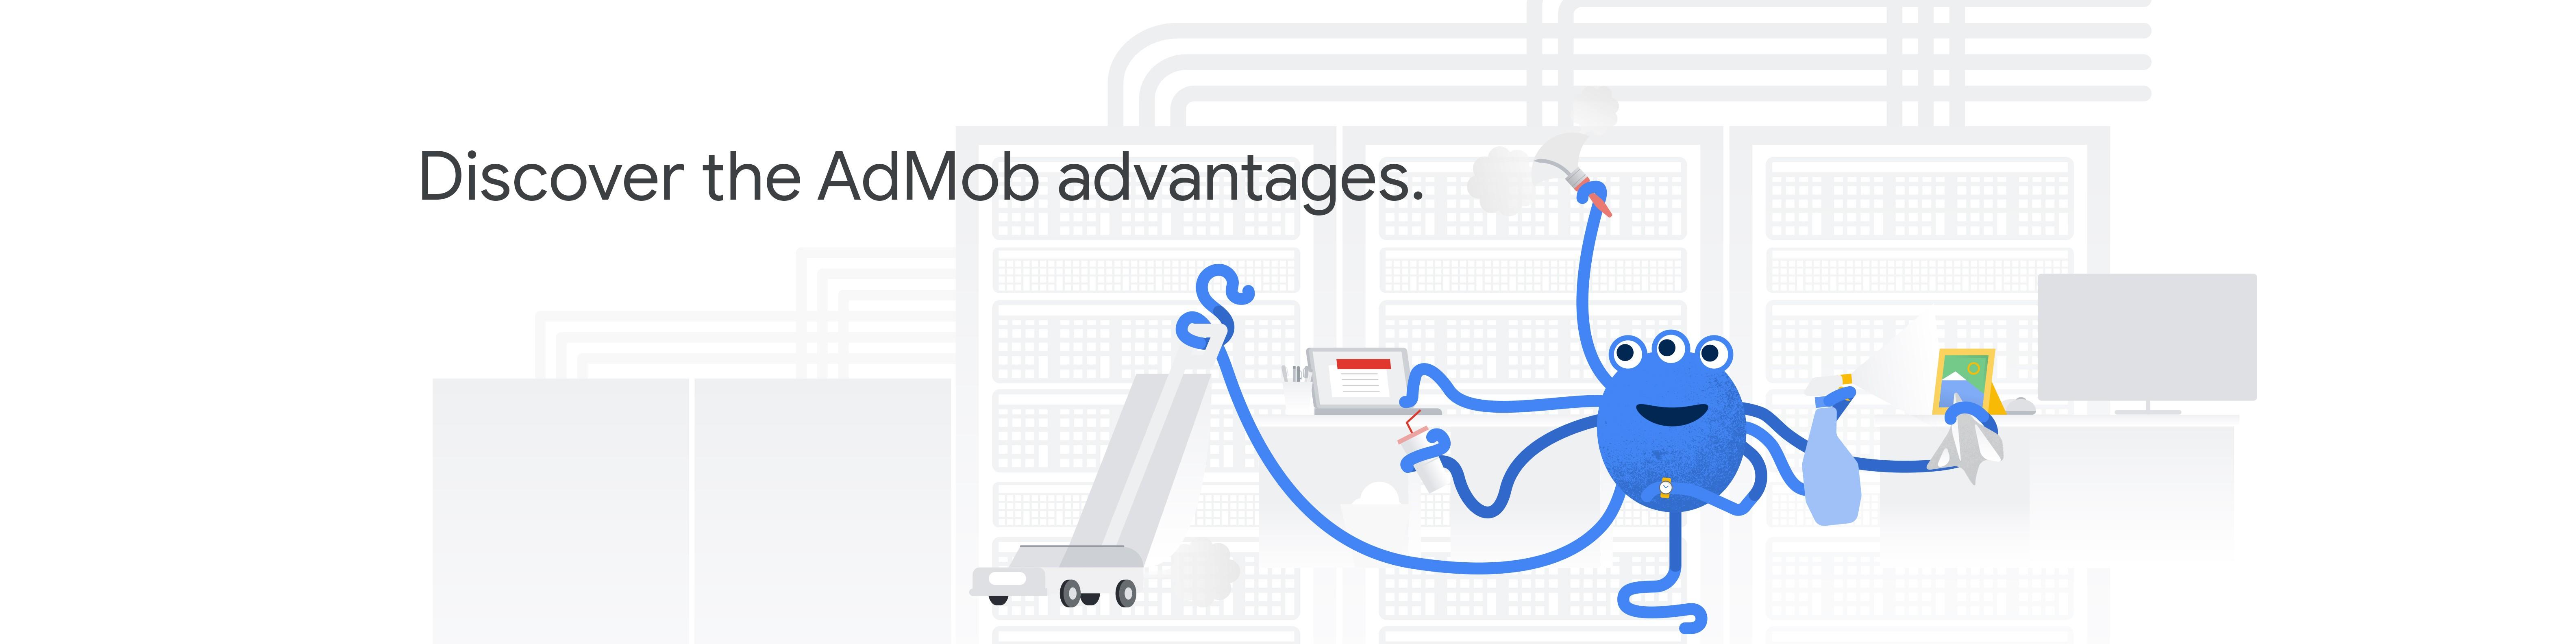 Google AdMob | LinkedIn